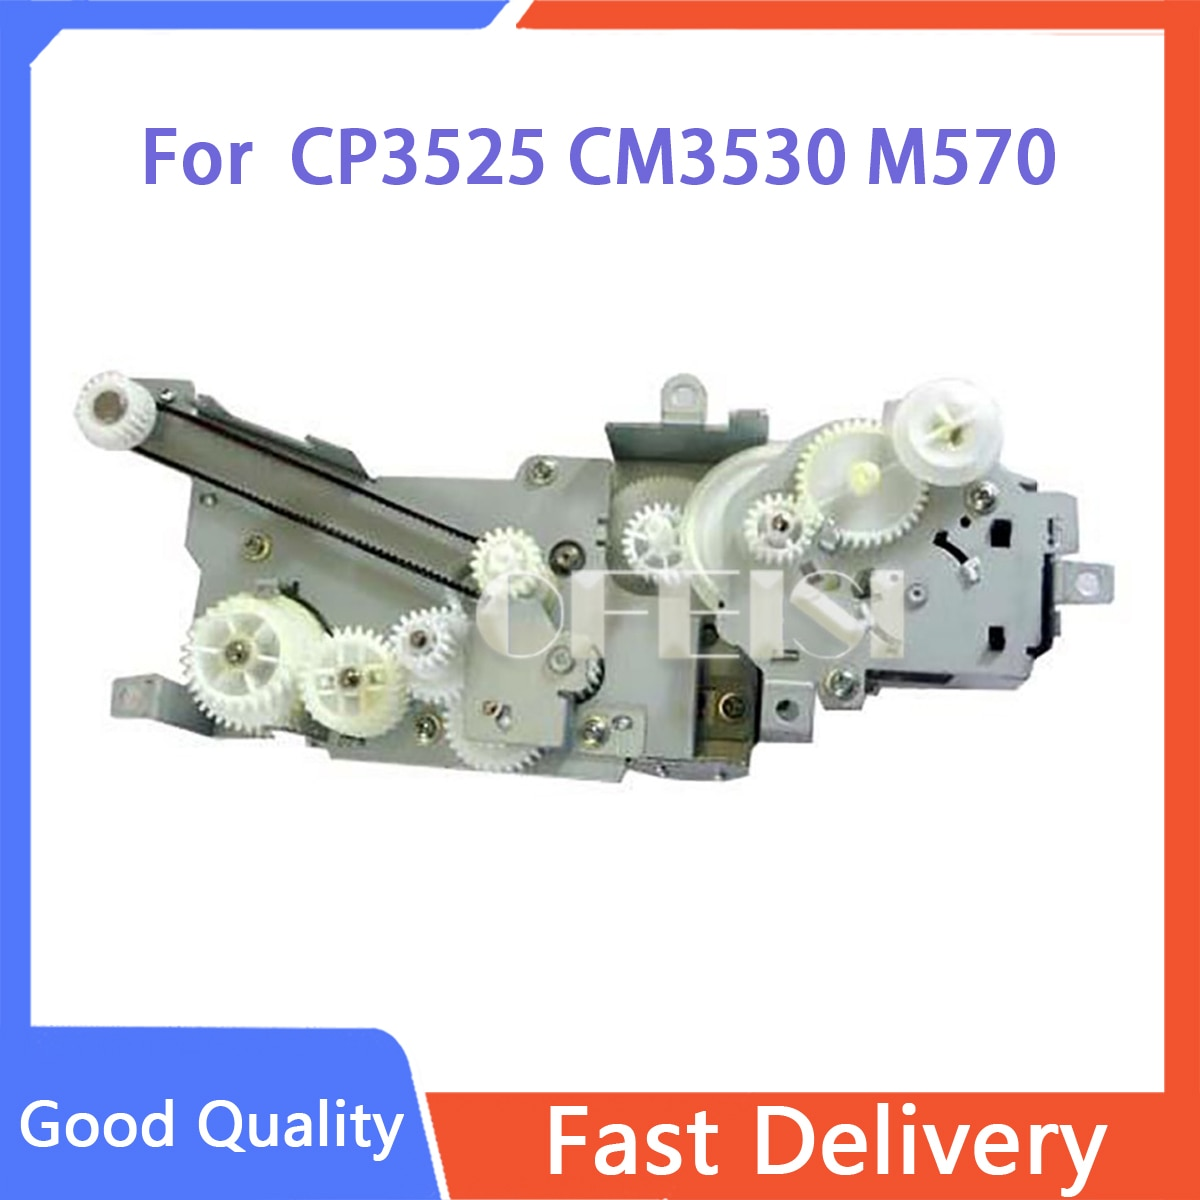 حل 59.F0 الأصلي جديد ل HP3525 CP3525 CM3530 M570 M575 HP3530 HP570 فوزر الجمعية محرك الجمعية RM1-4974-000 RM1-4974